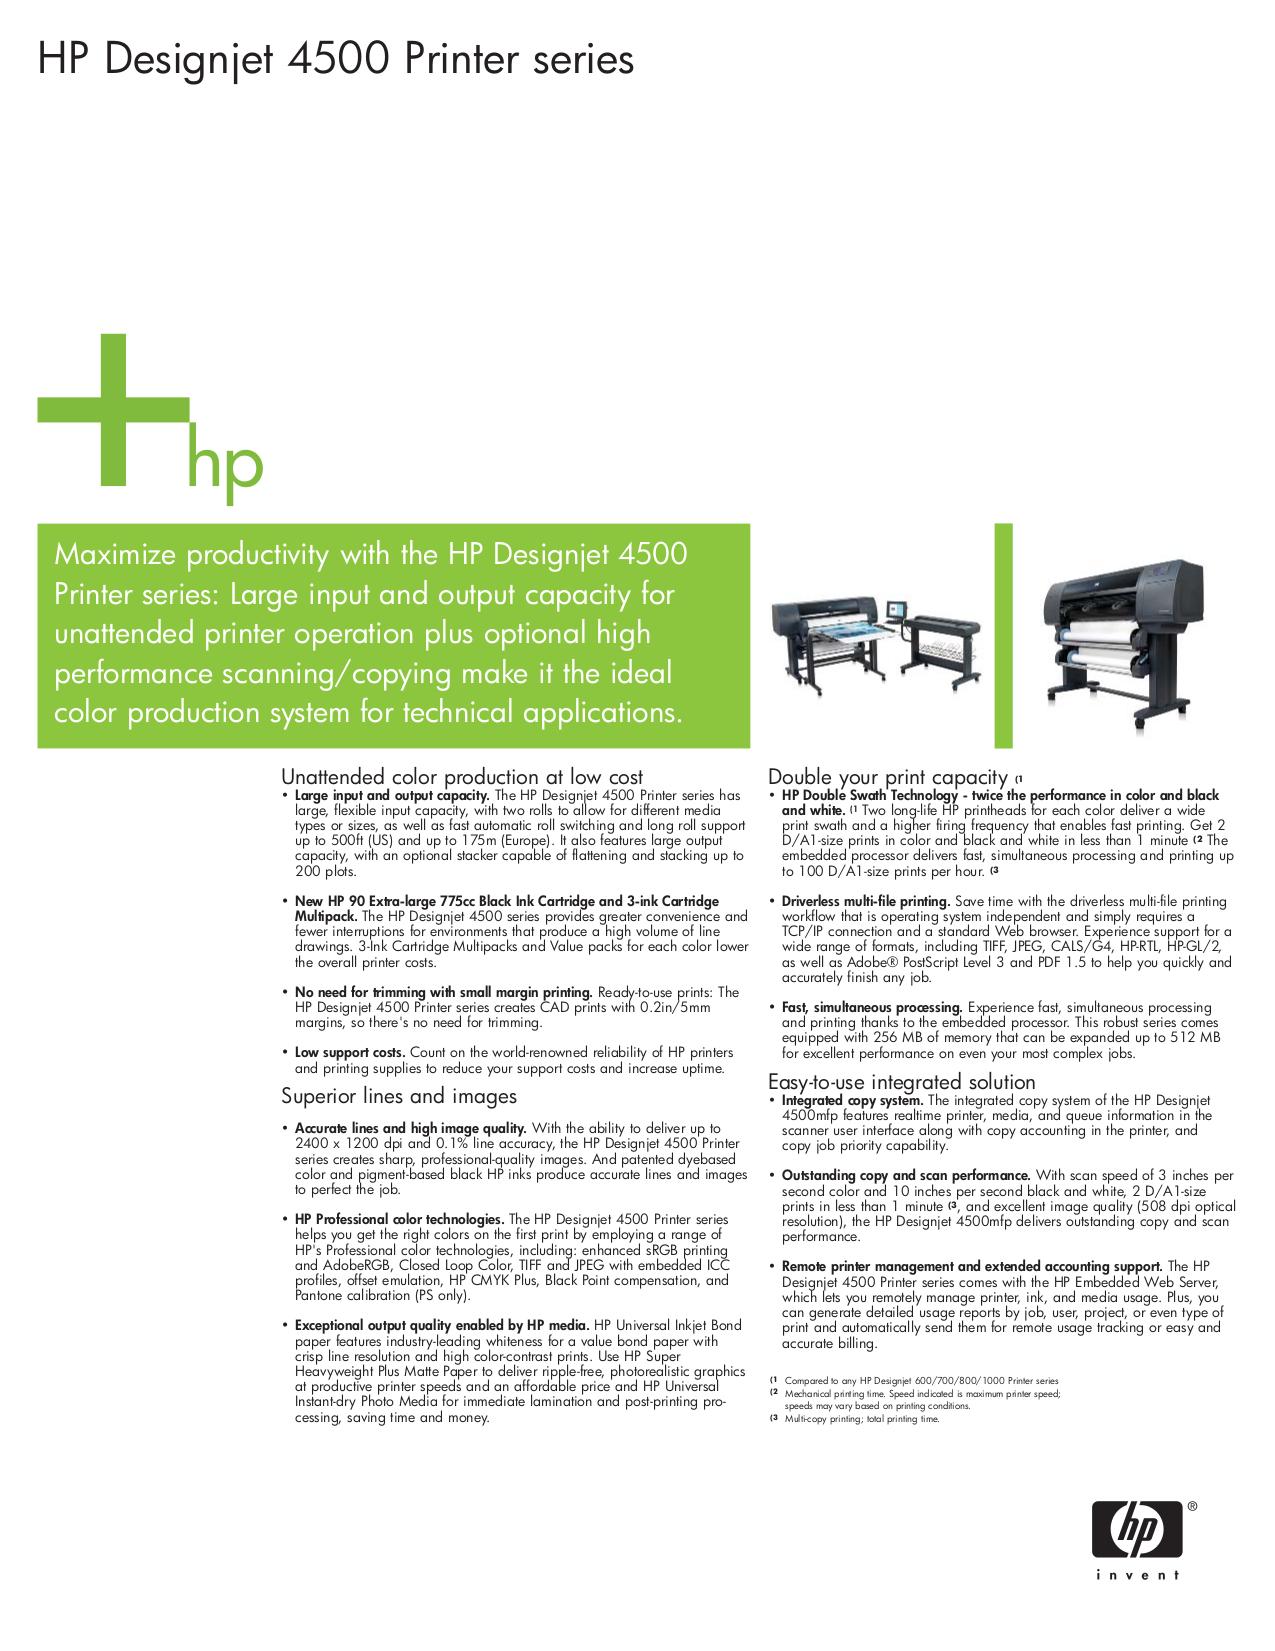 Download free pdf for hp designjet 5500 printer manual.